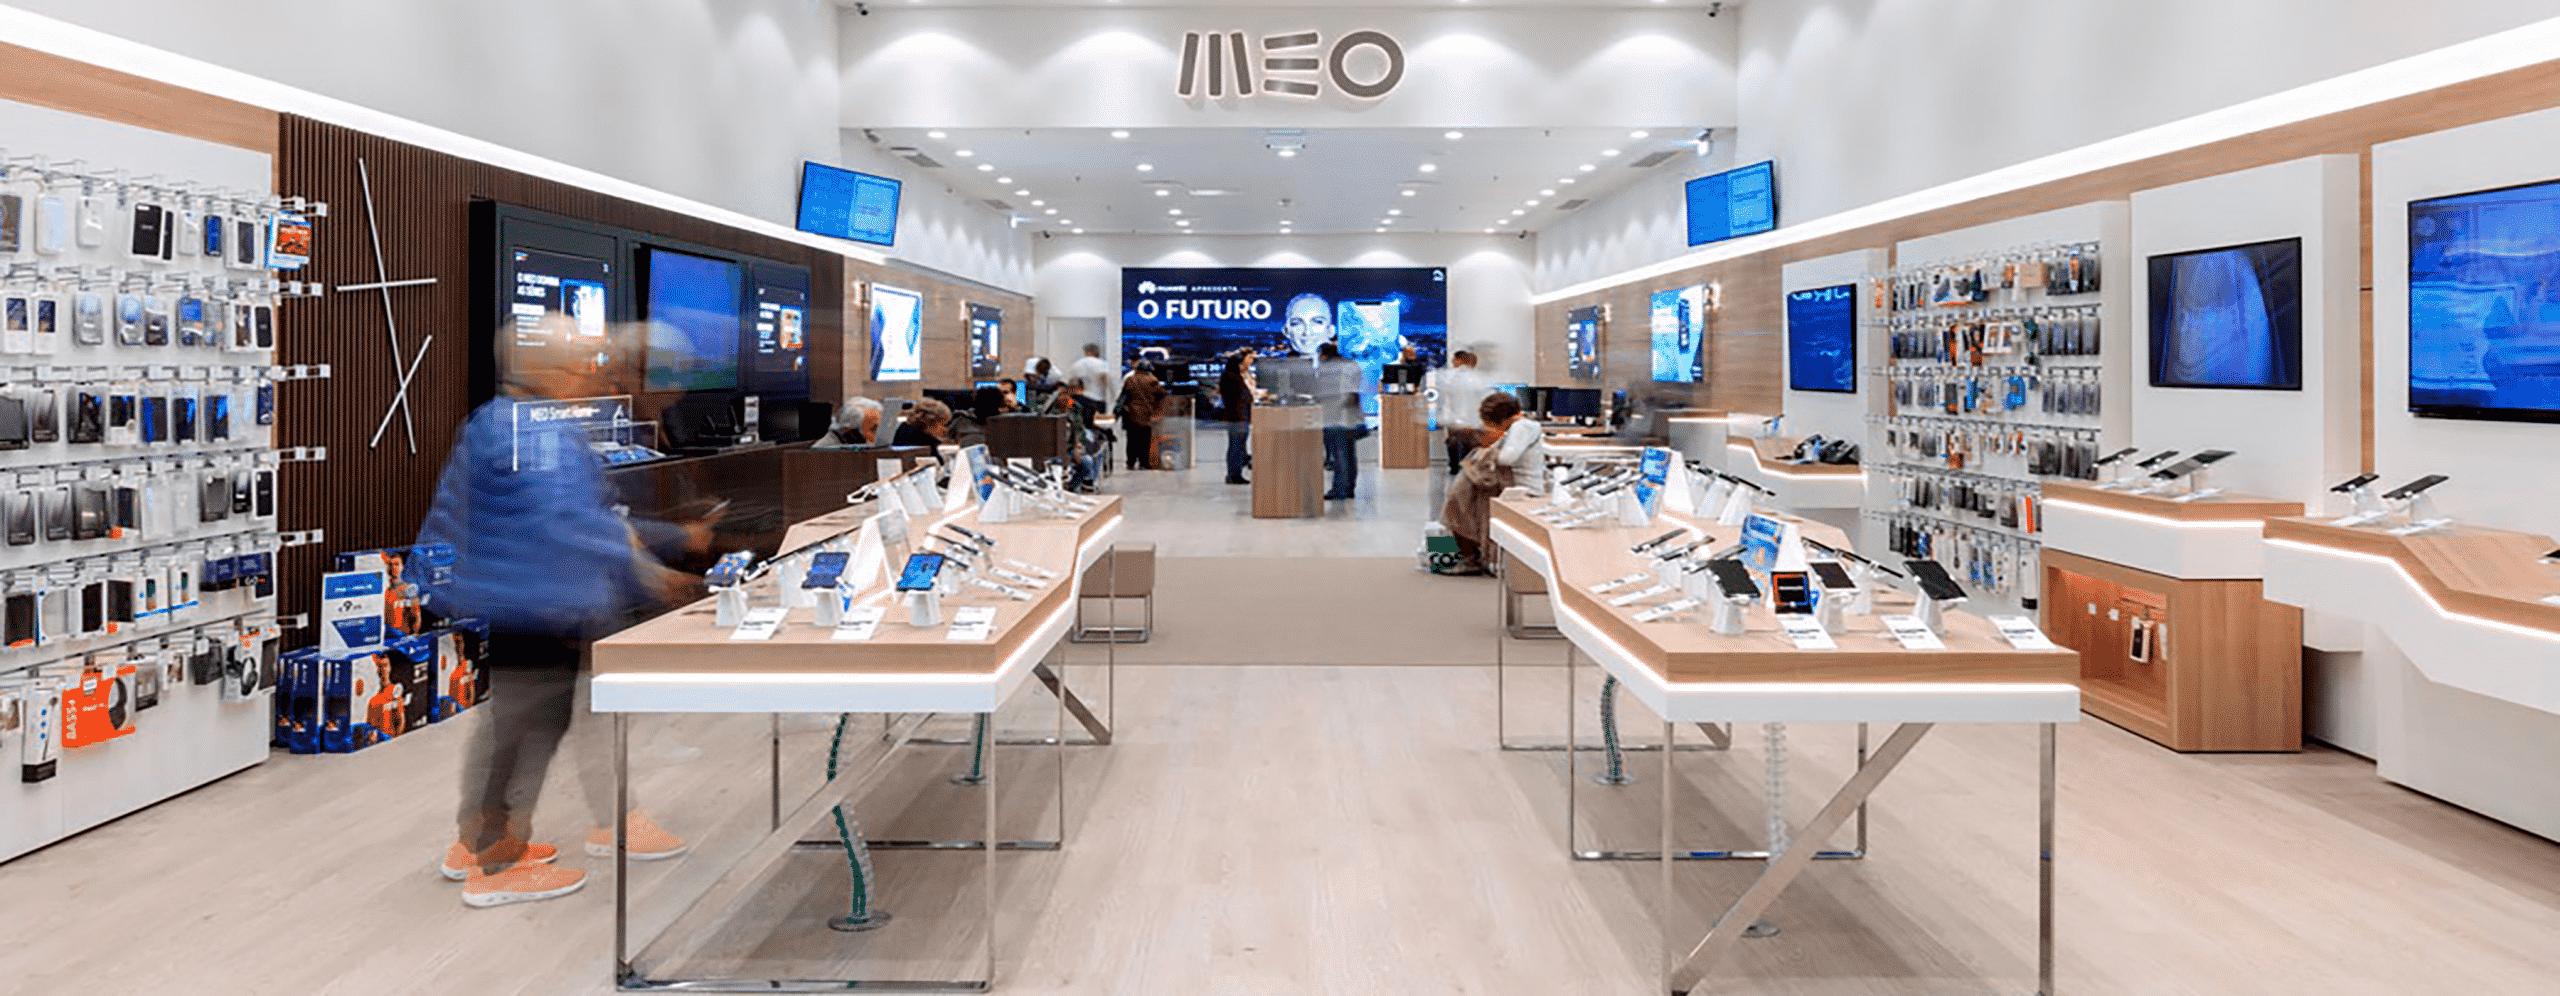 Lojas MEO implementam solução de WFM da SISQUAL